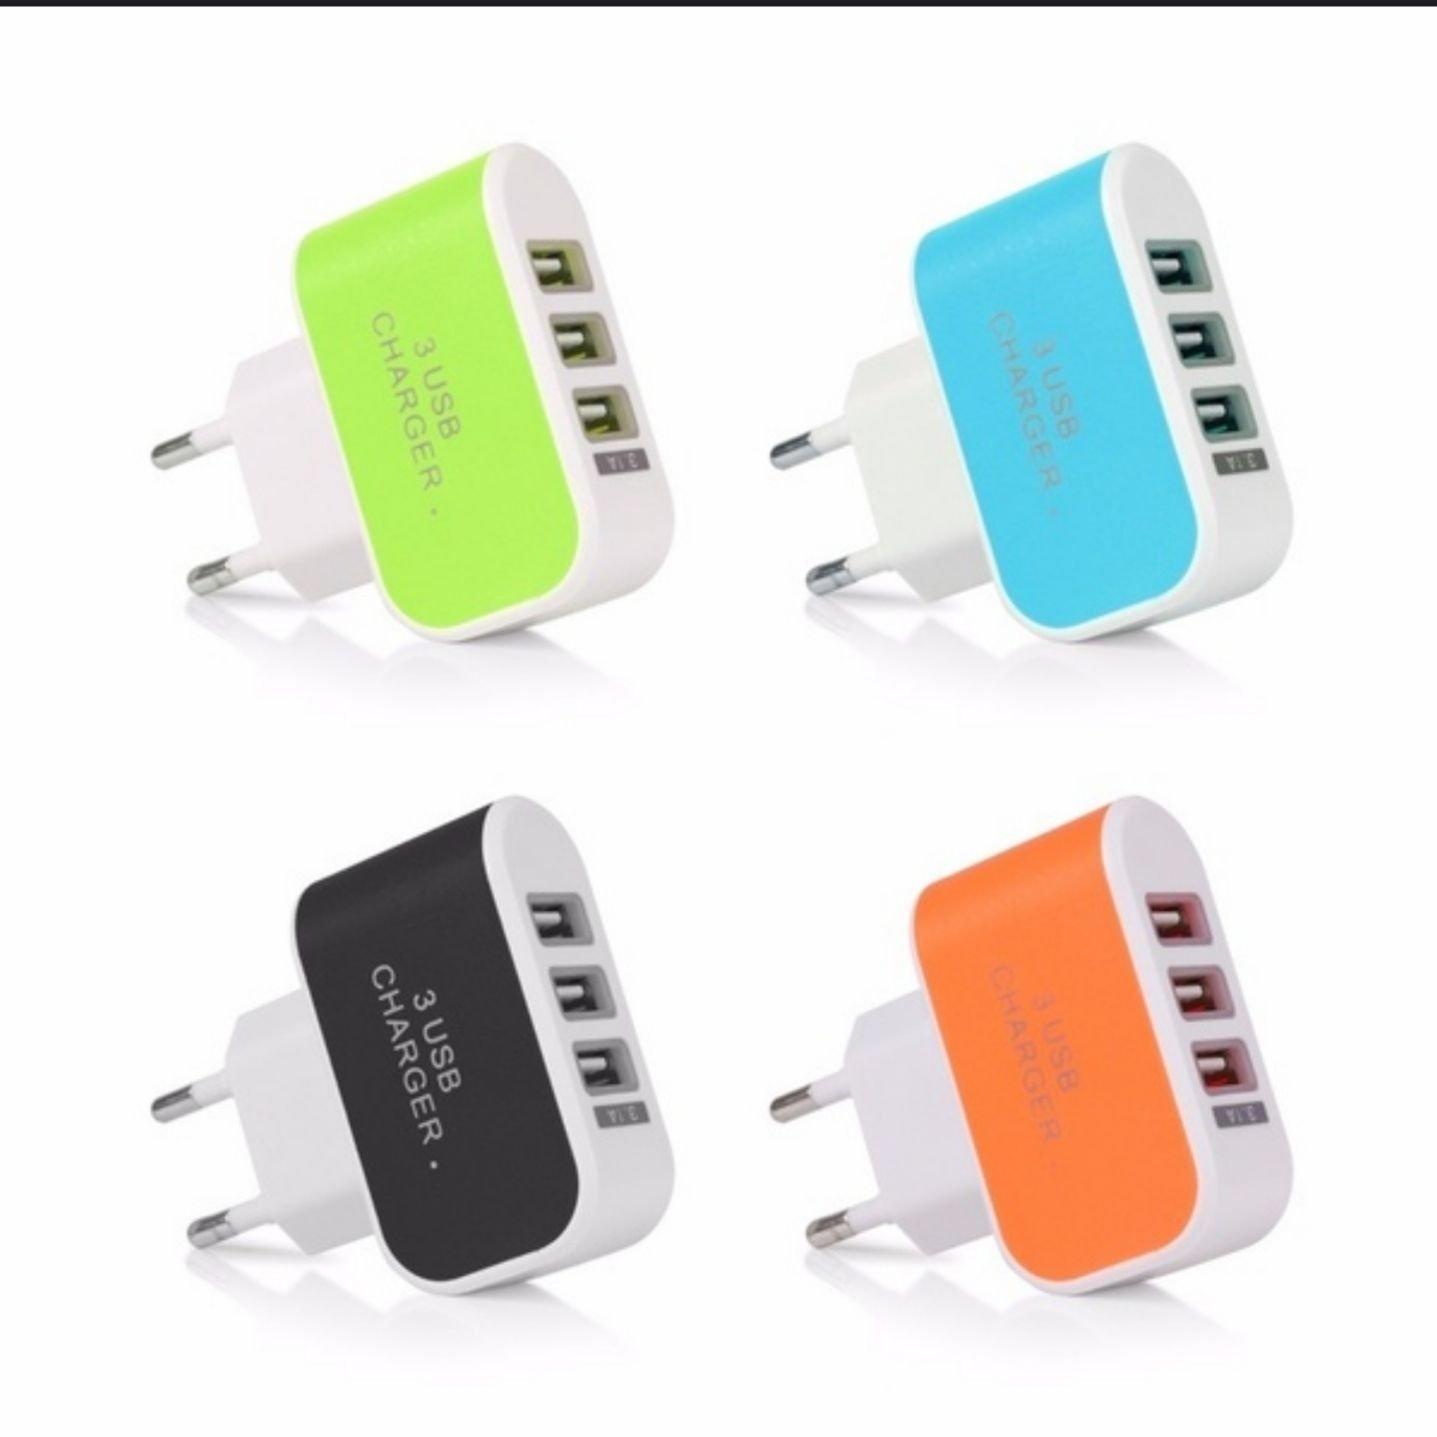 USB Laddare med tre uttag. Färg Orange (346041018) ???Köp på